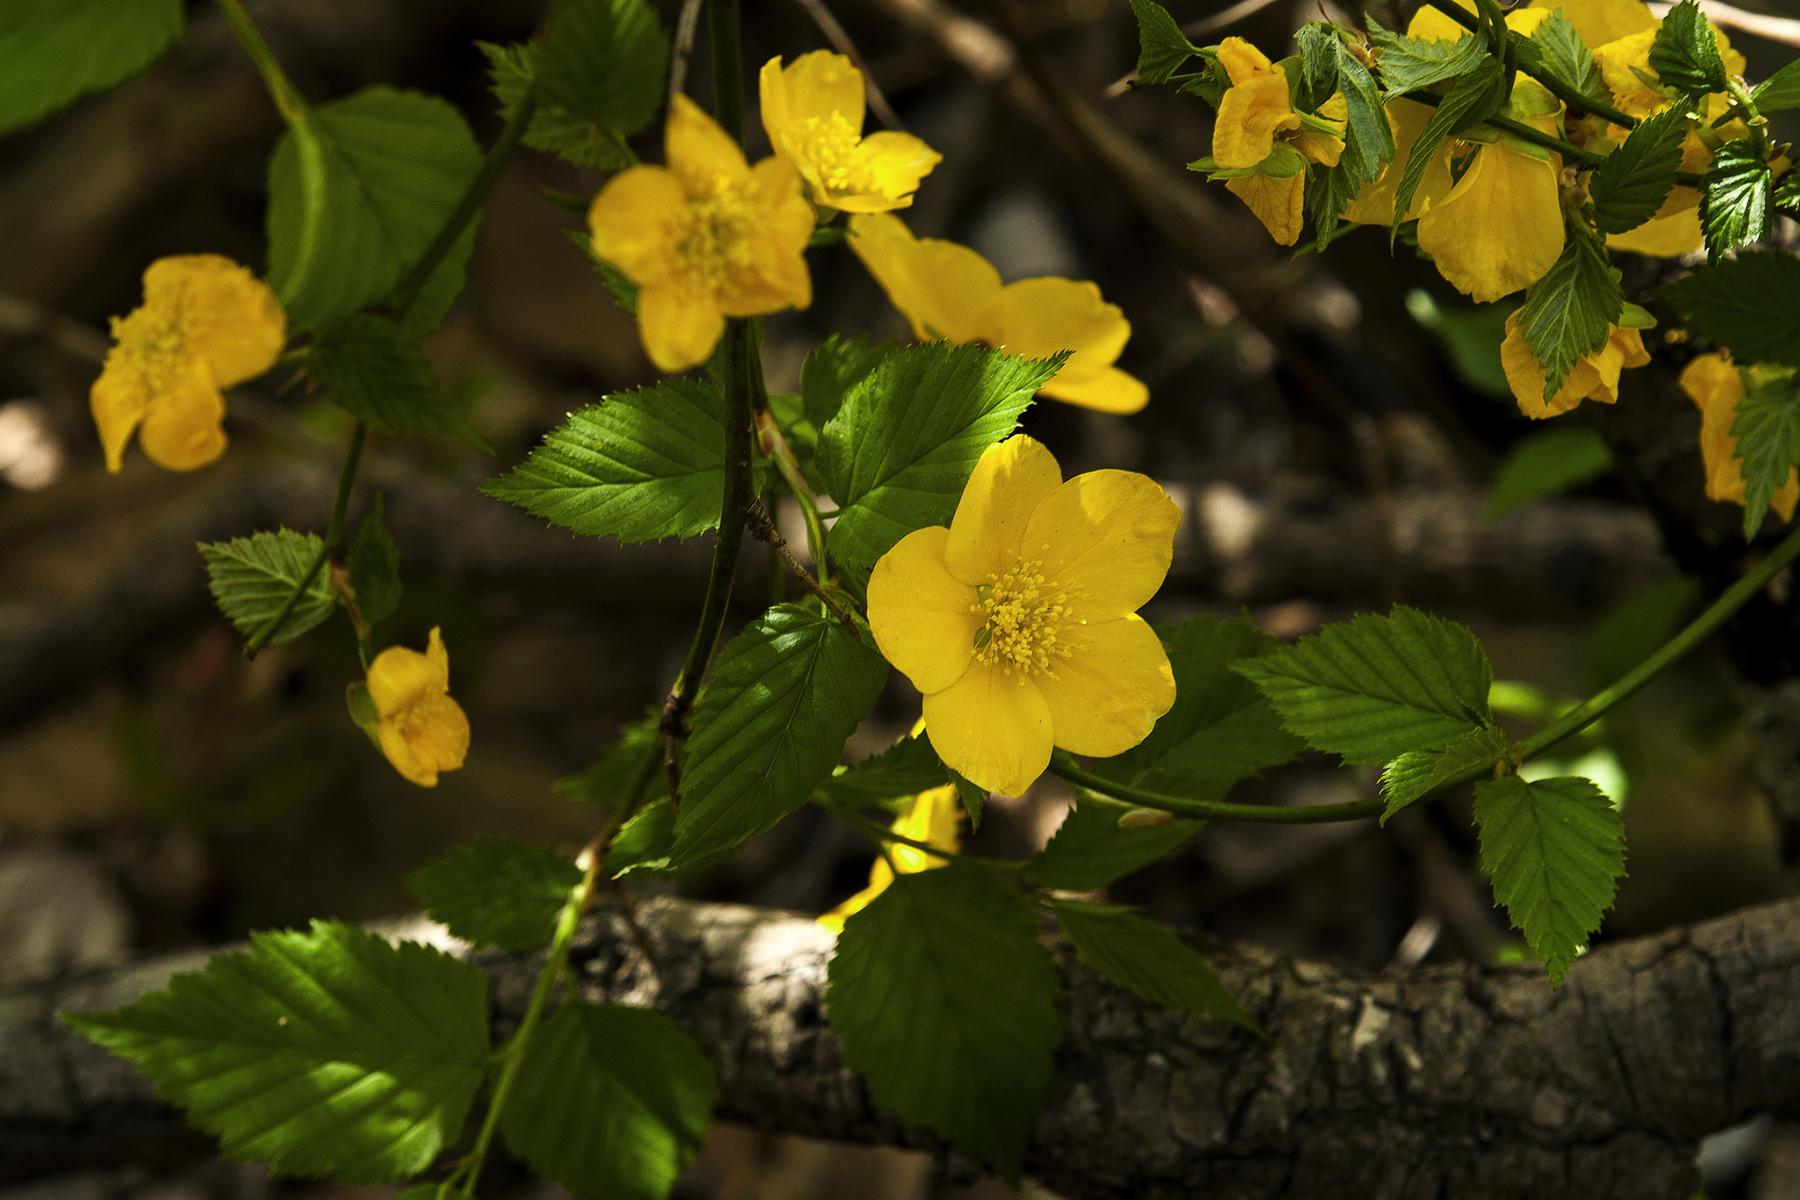 Corète du Japon, disposition des feuilles et des fleurs. Crédits : Flickr